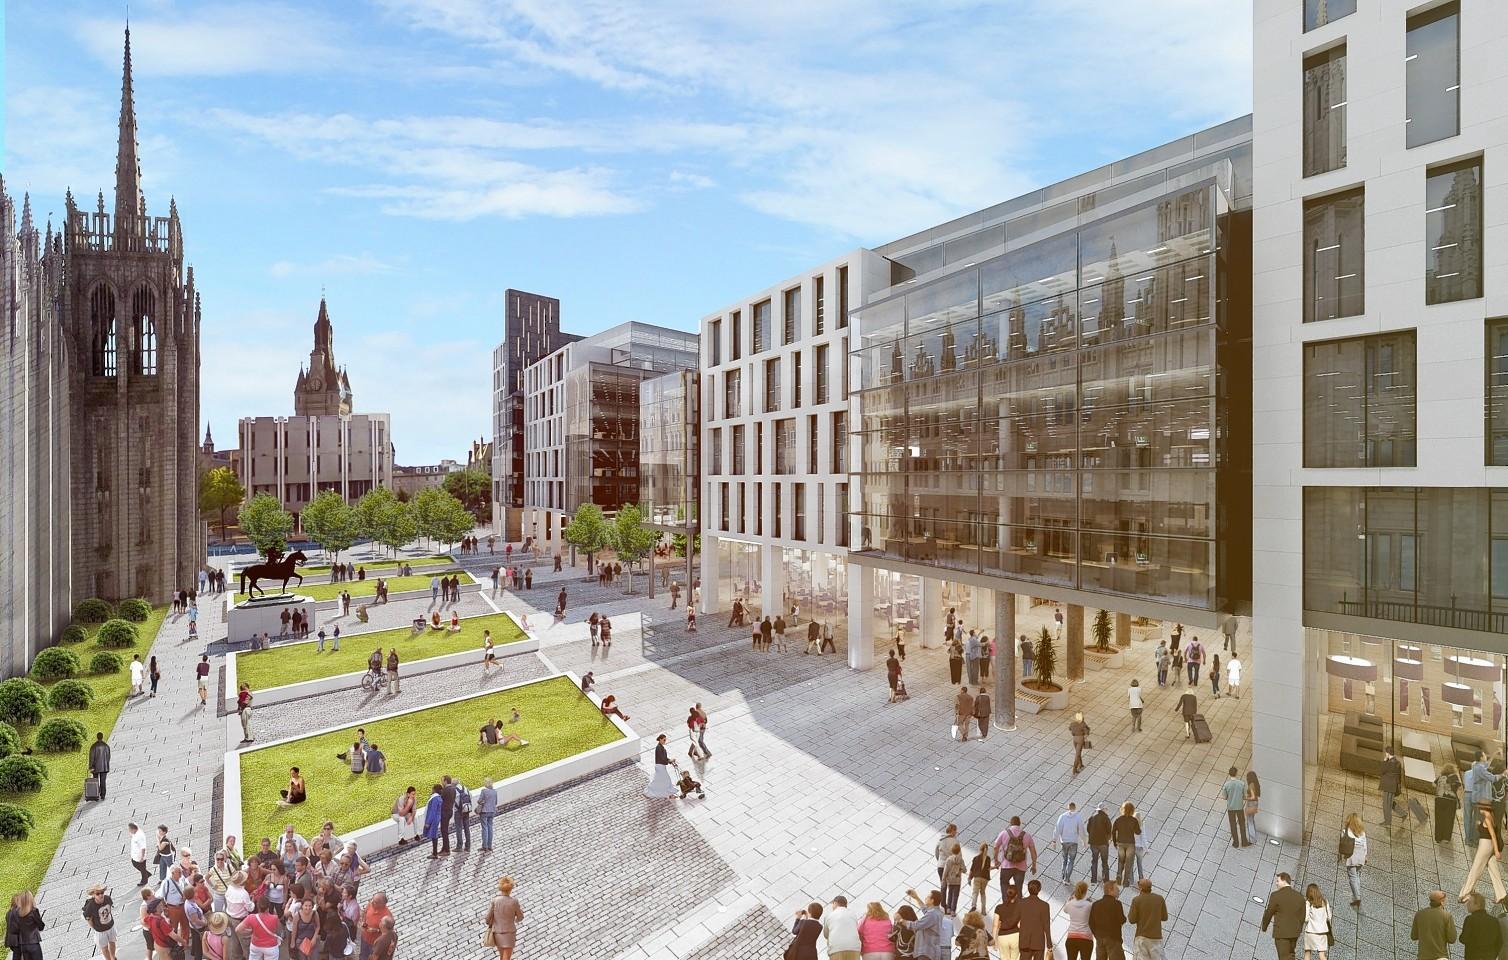 Marischal Square plans